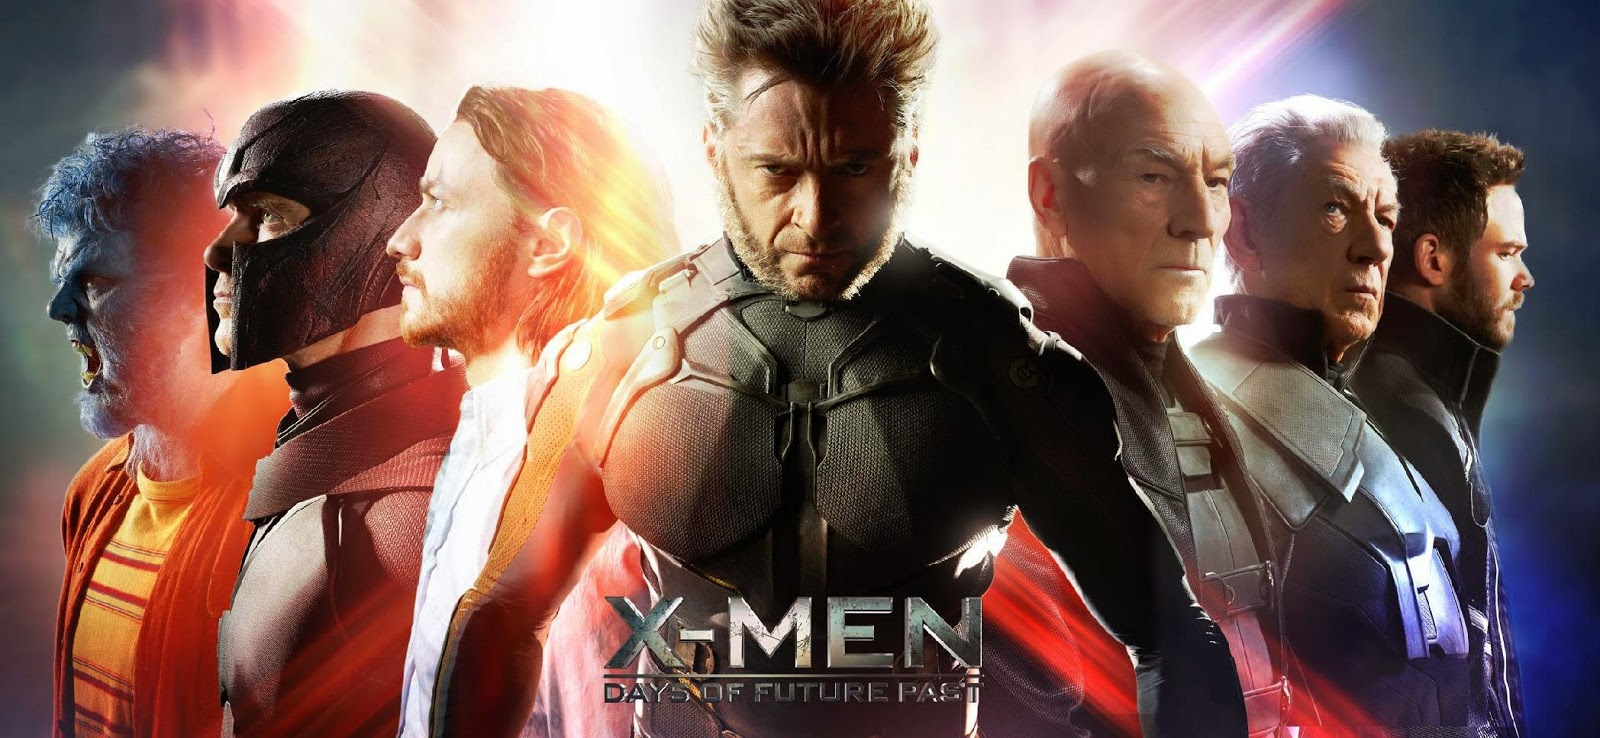 Roteirista diz que X-Men: Apocalipse pode ter membros da trilogia original